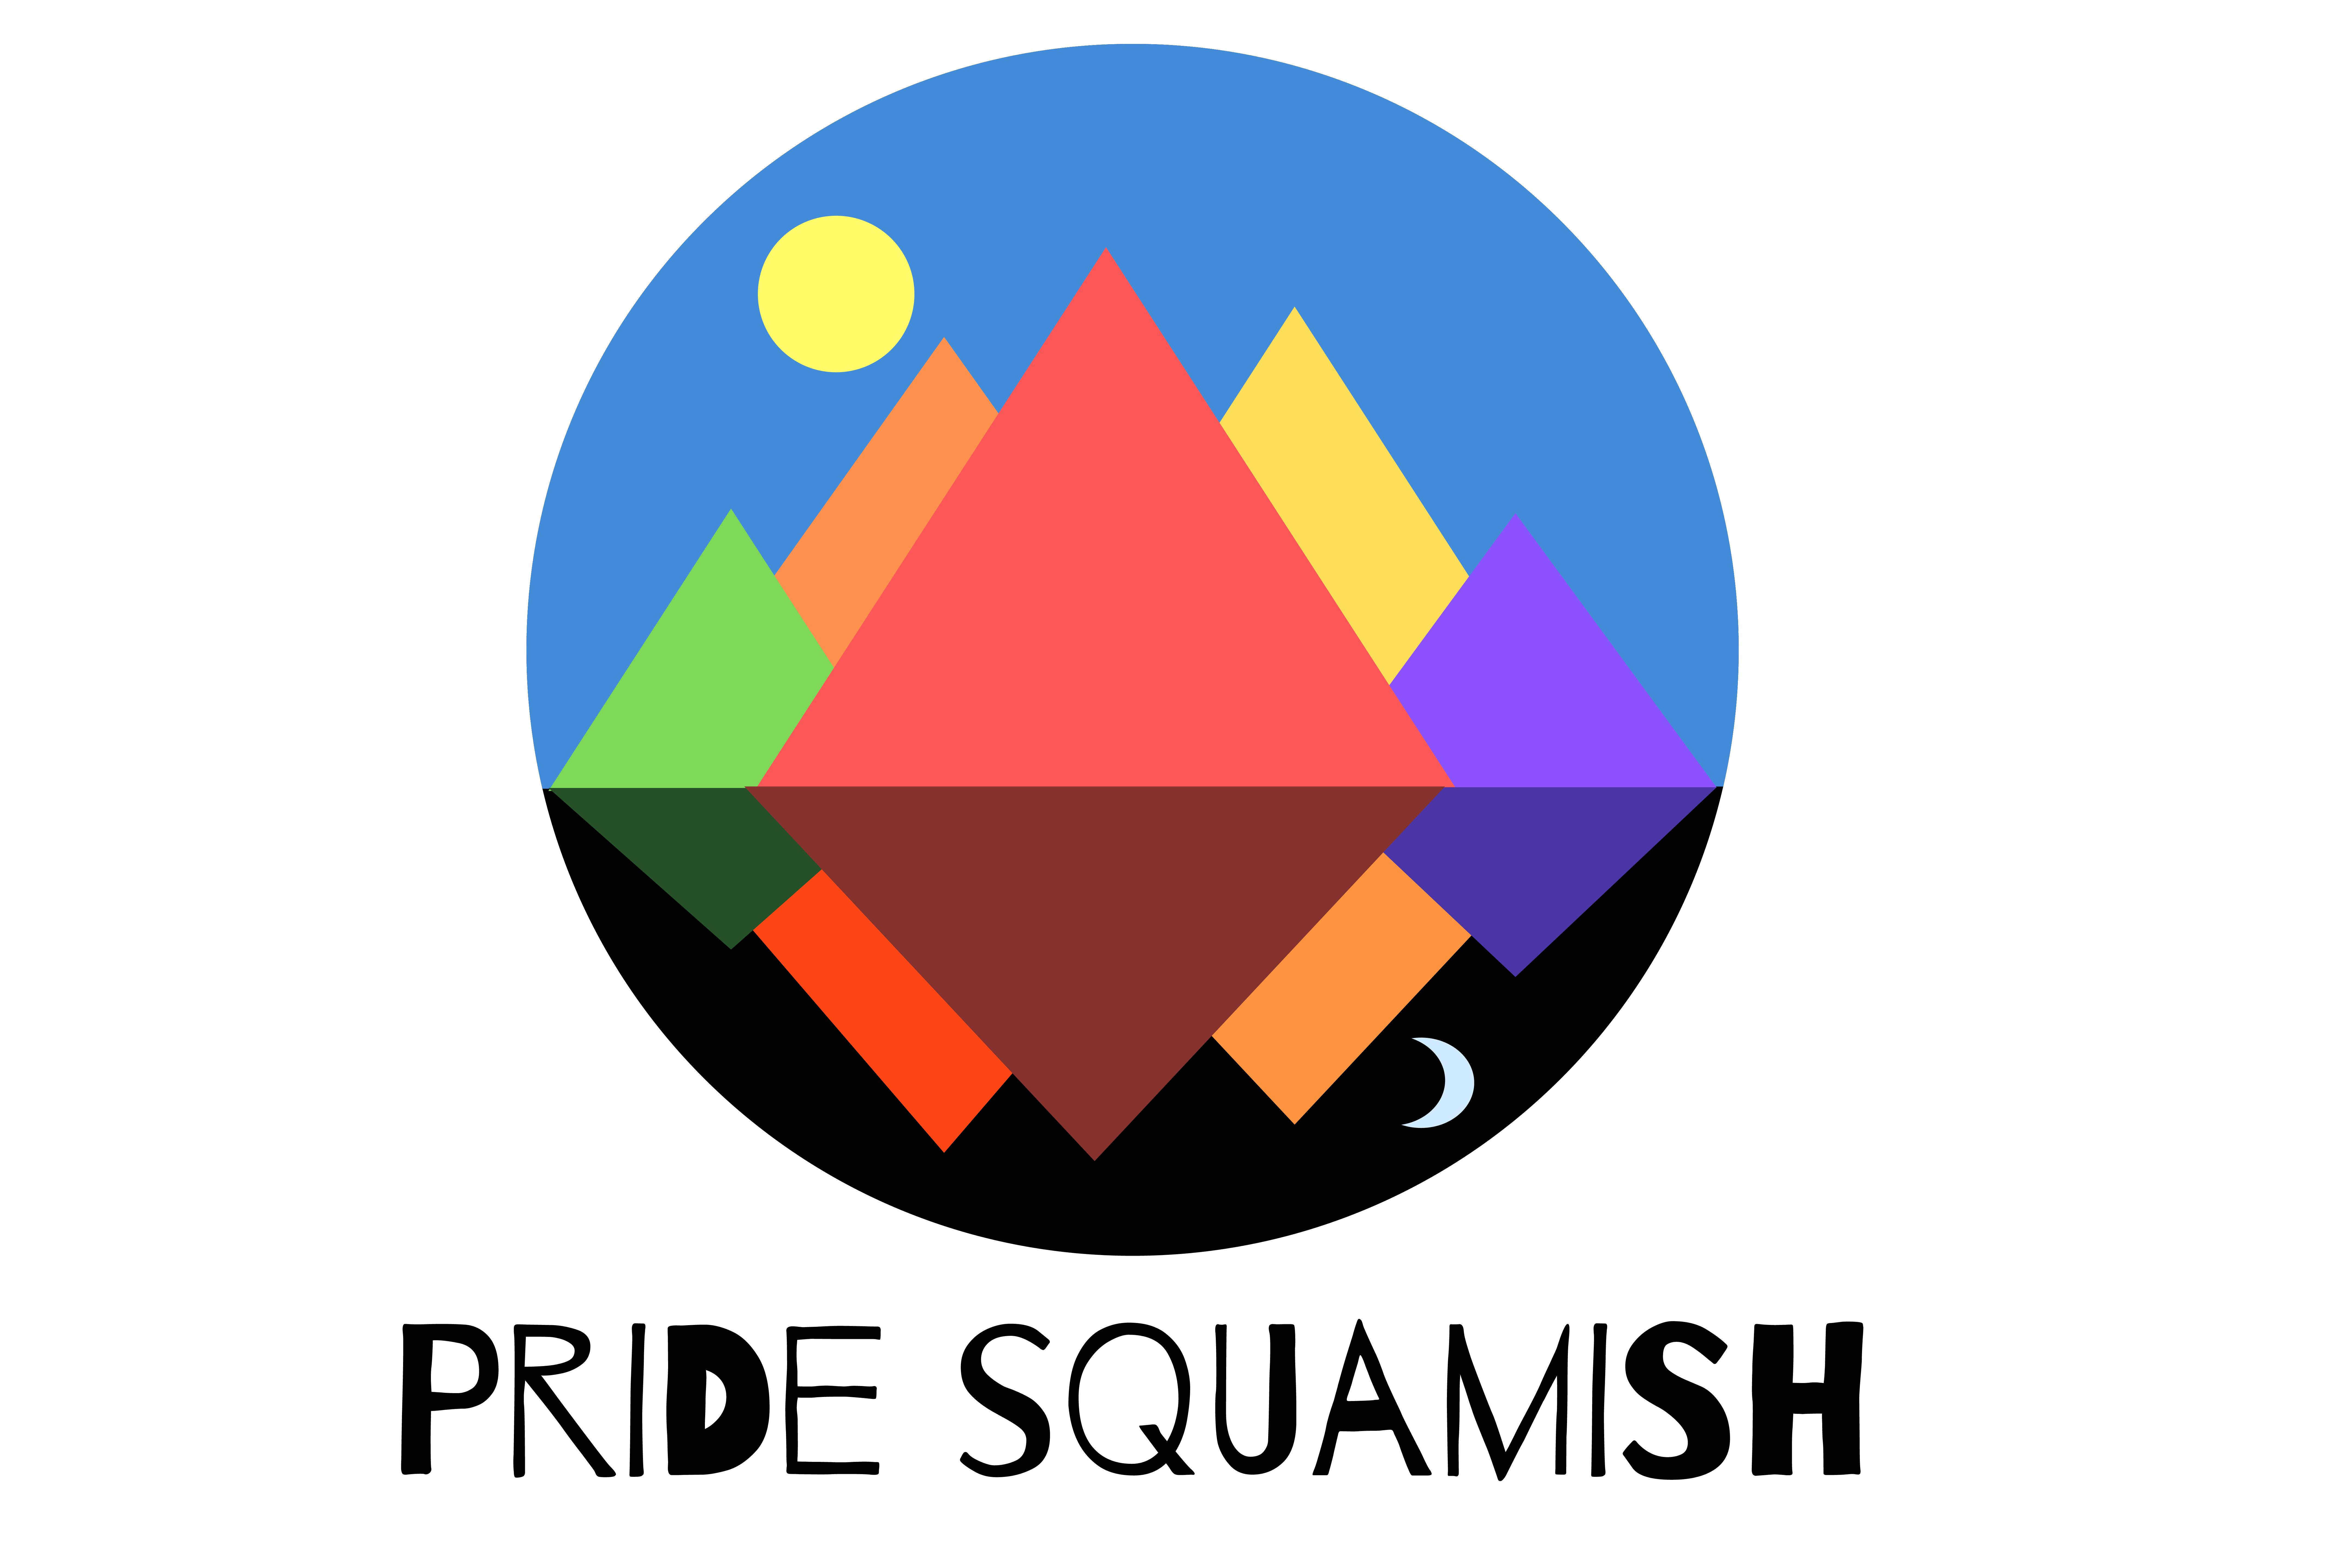 Pride Squamish